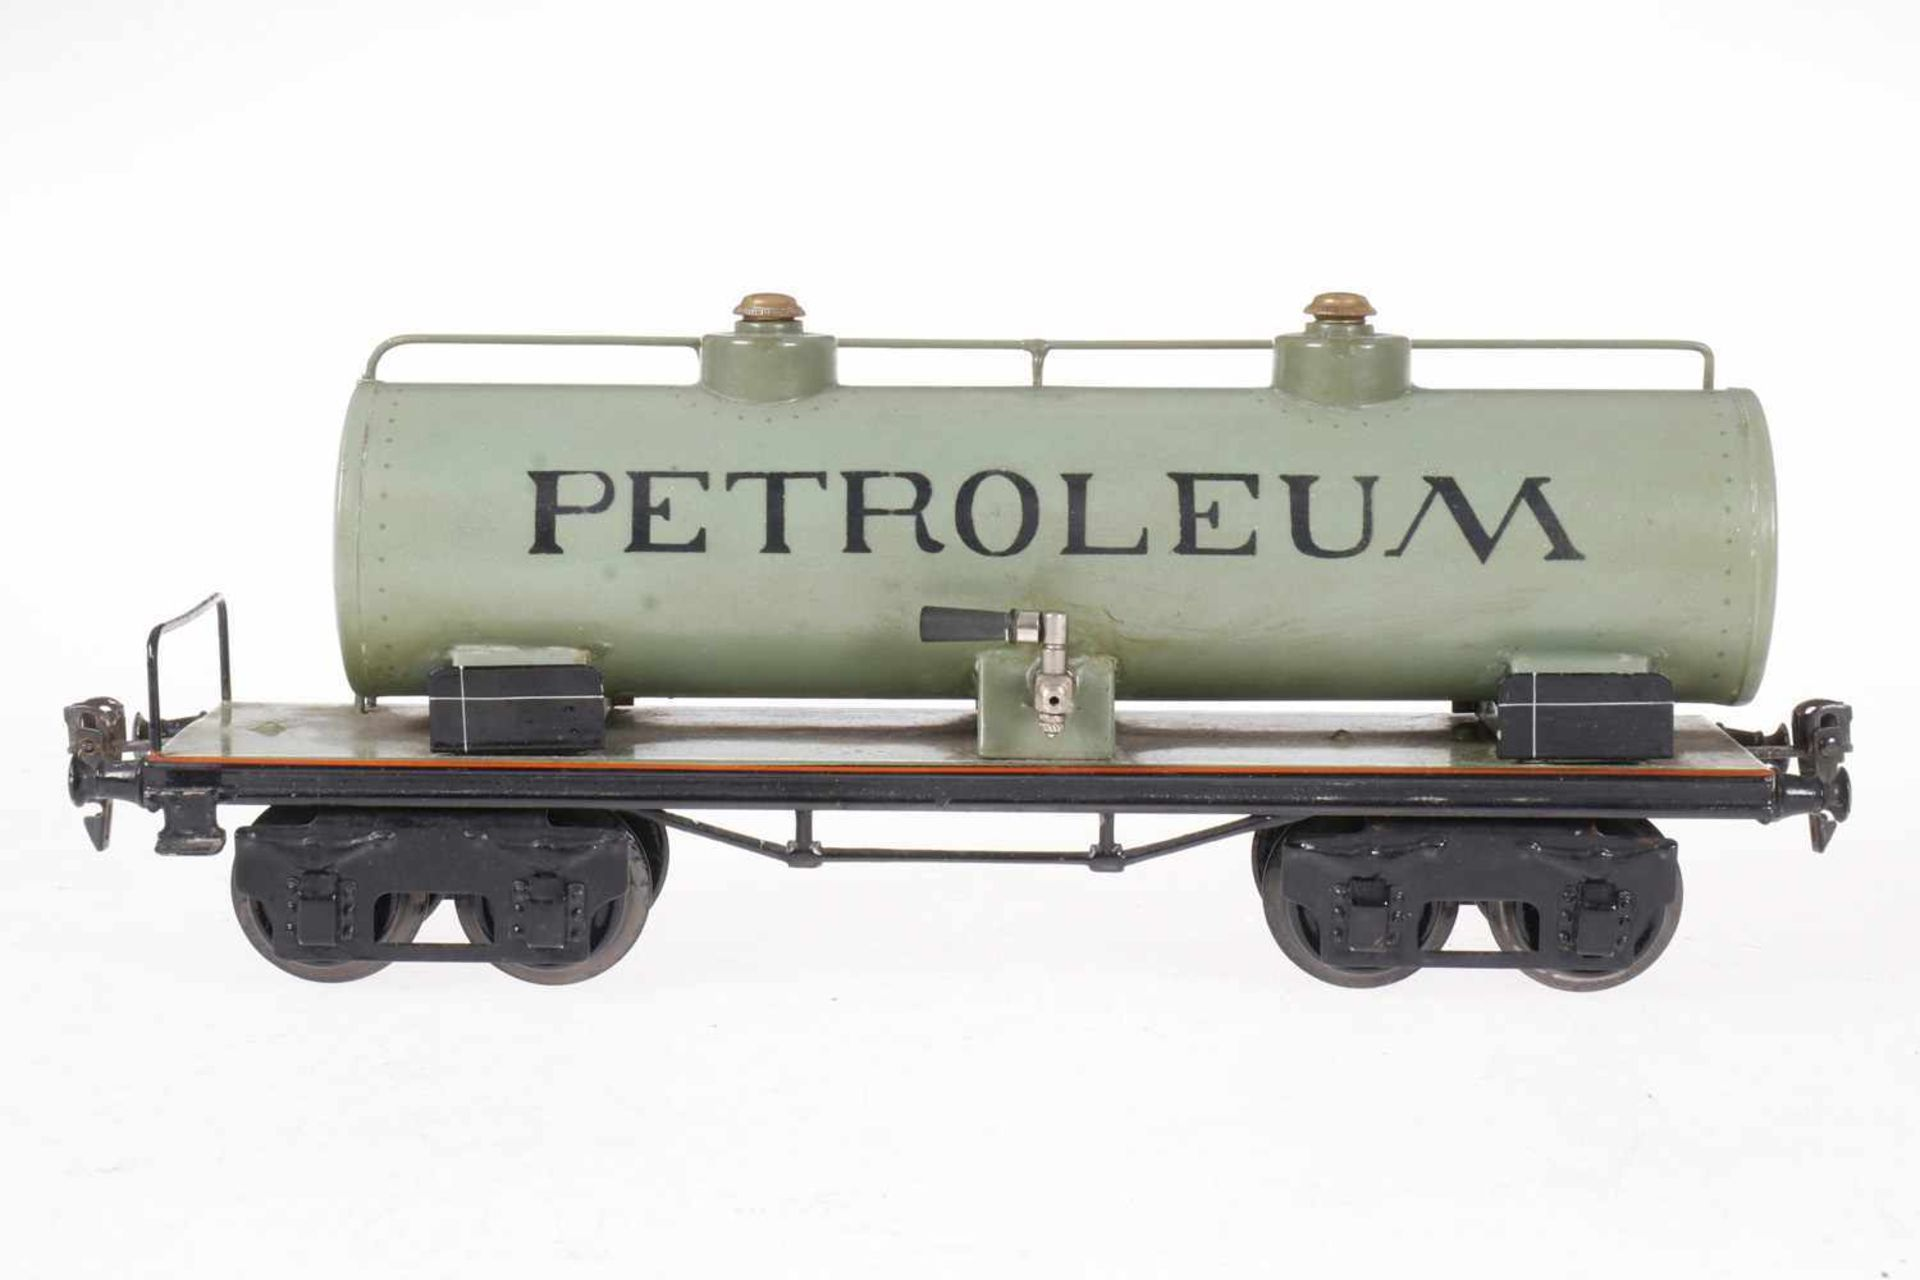 Märklin Petroleum Kesselwagen 1954, S 1, HL, Geländer gelötet, LS tw ausgebessert, L 32, sonst